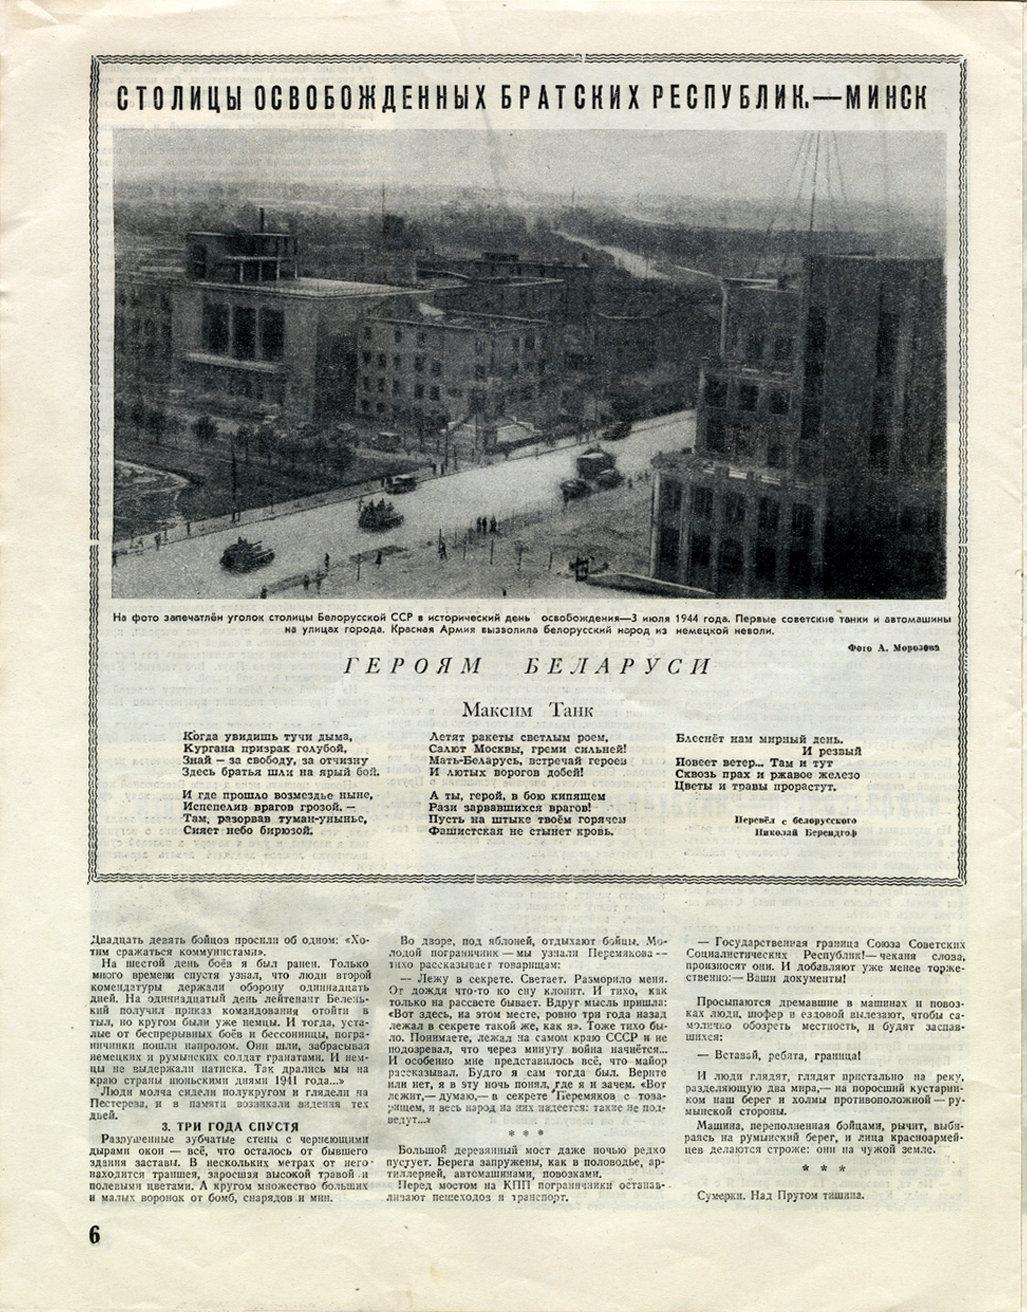 Огонёк № 39–40 1944 / 4